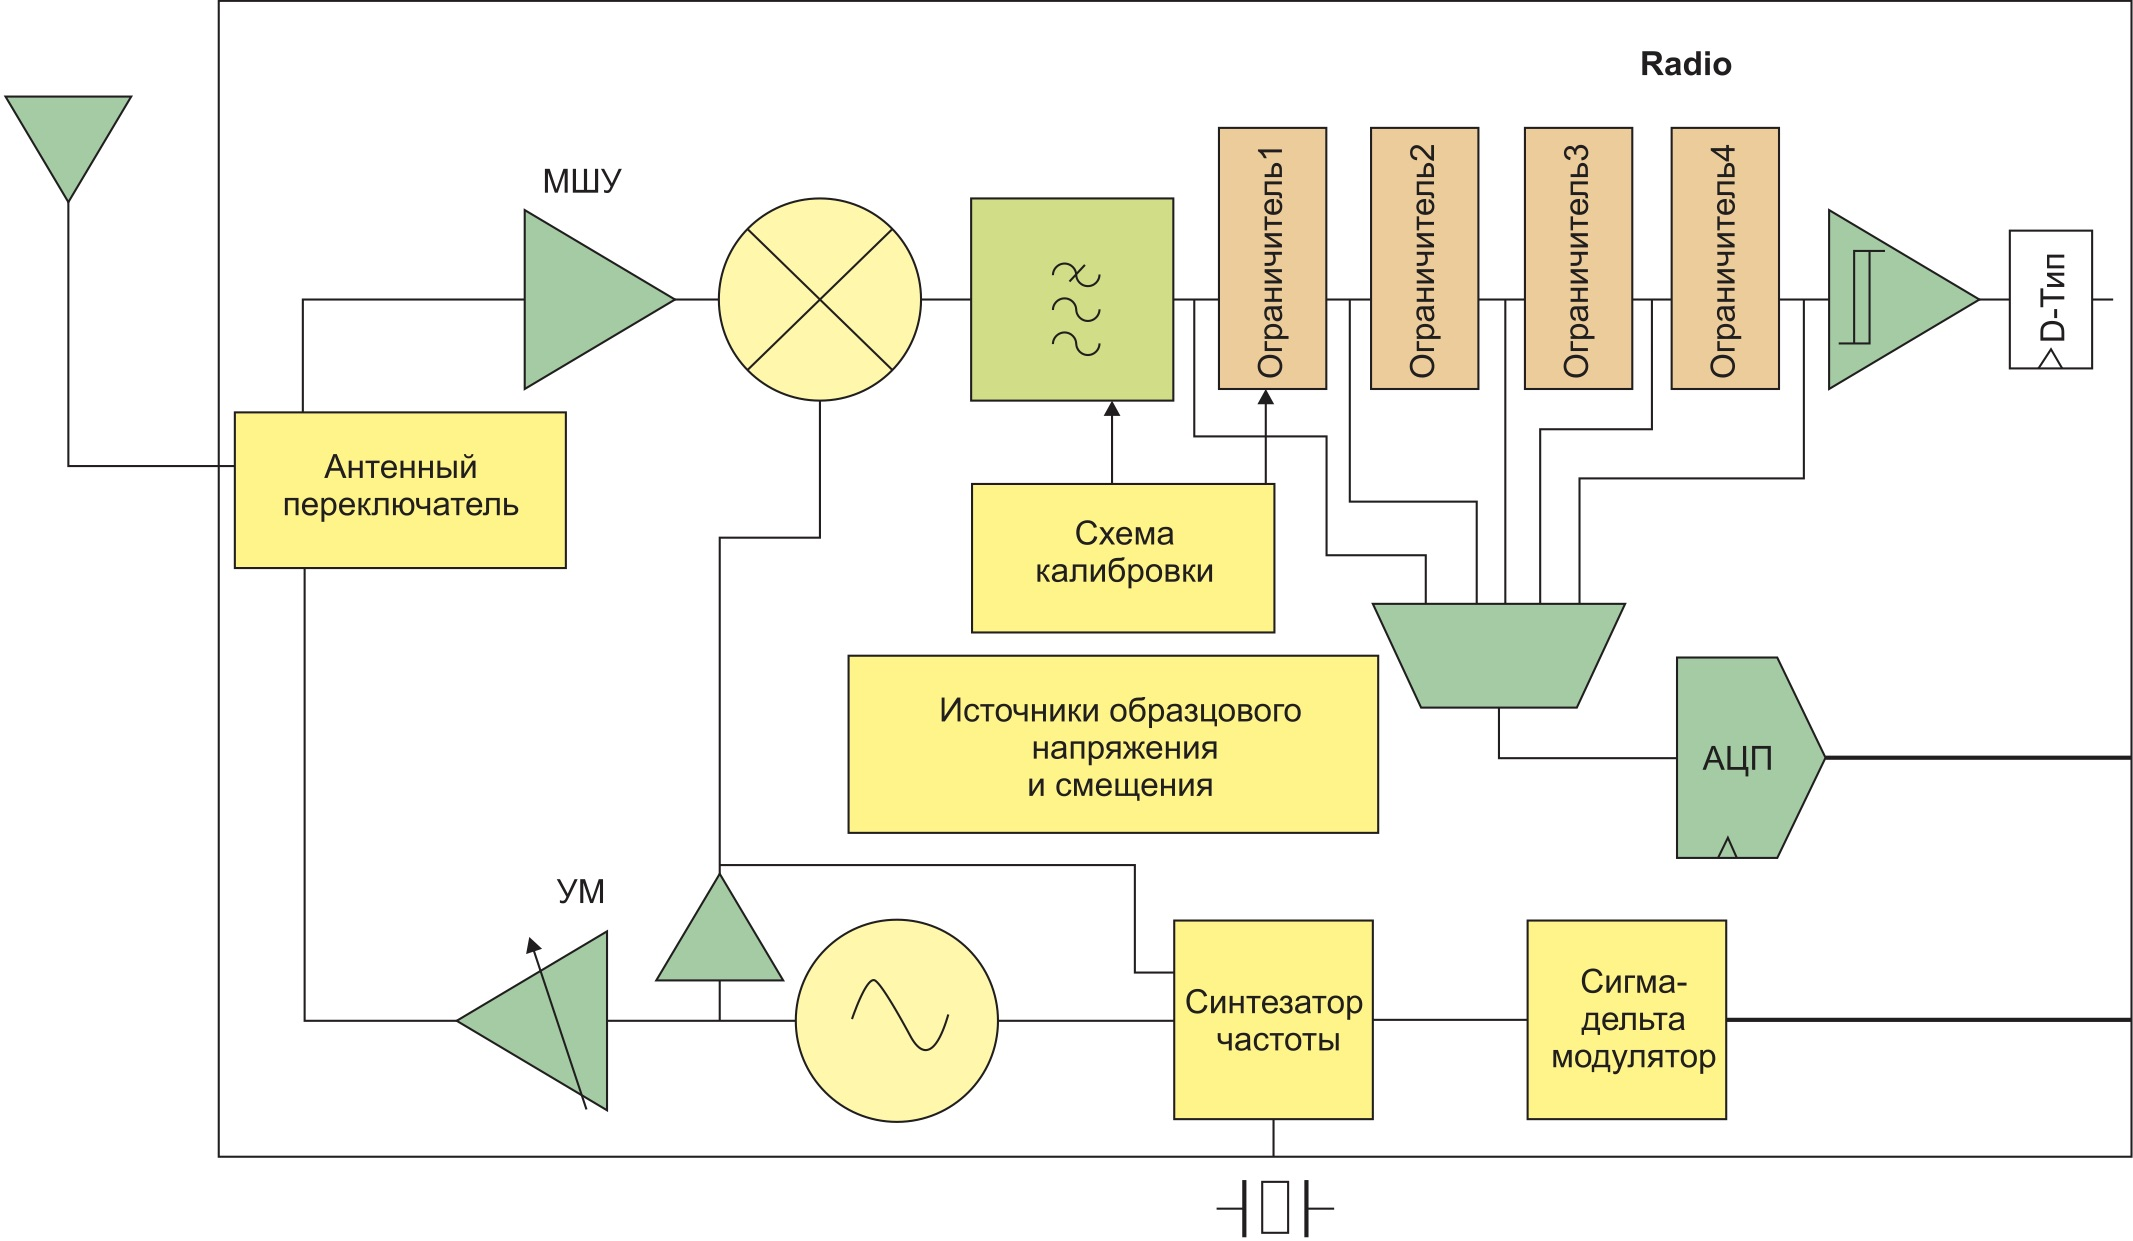 Структура ВЧ-части трансивера